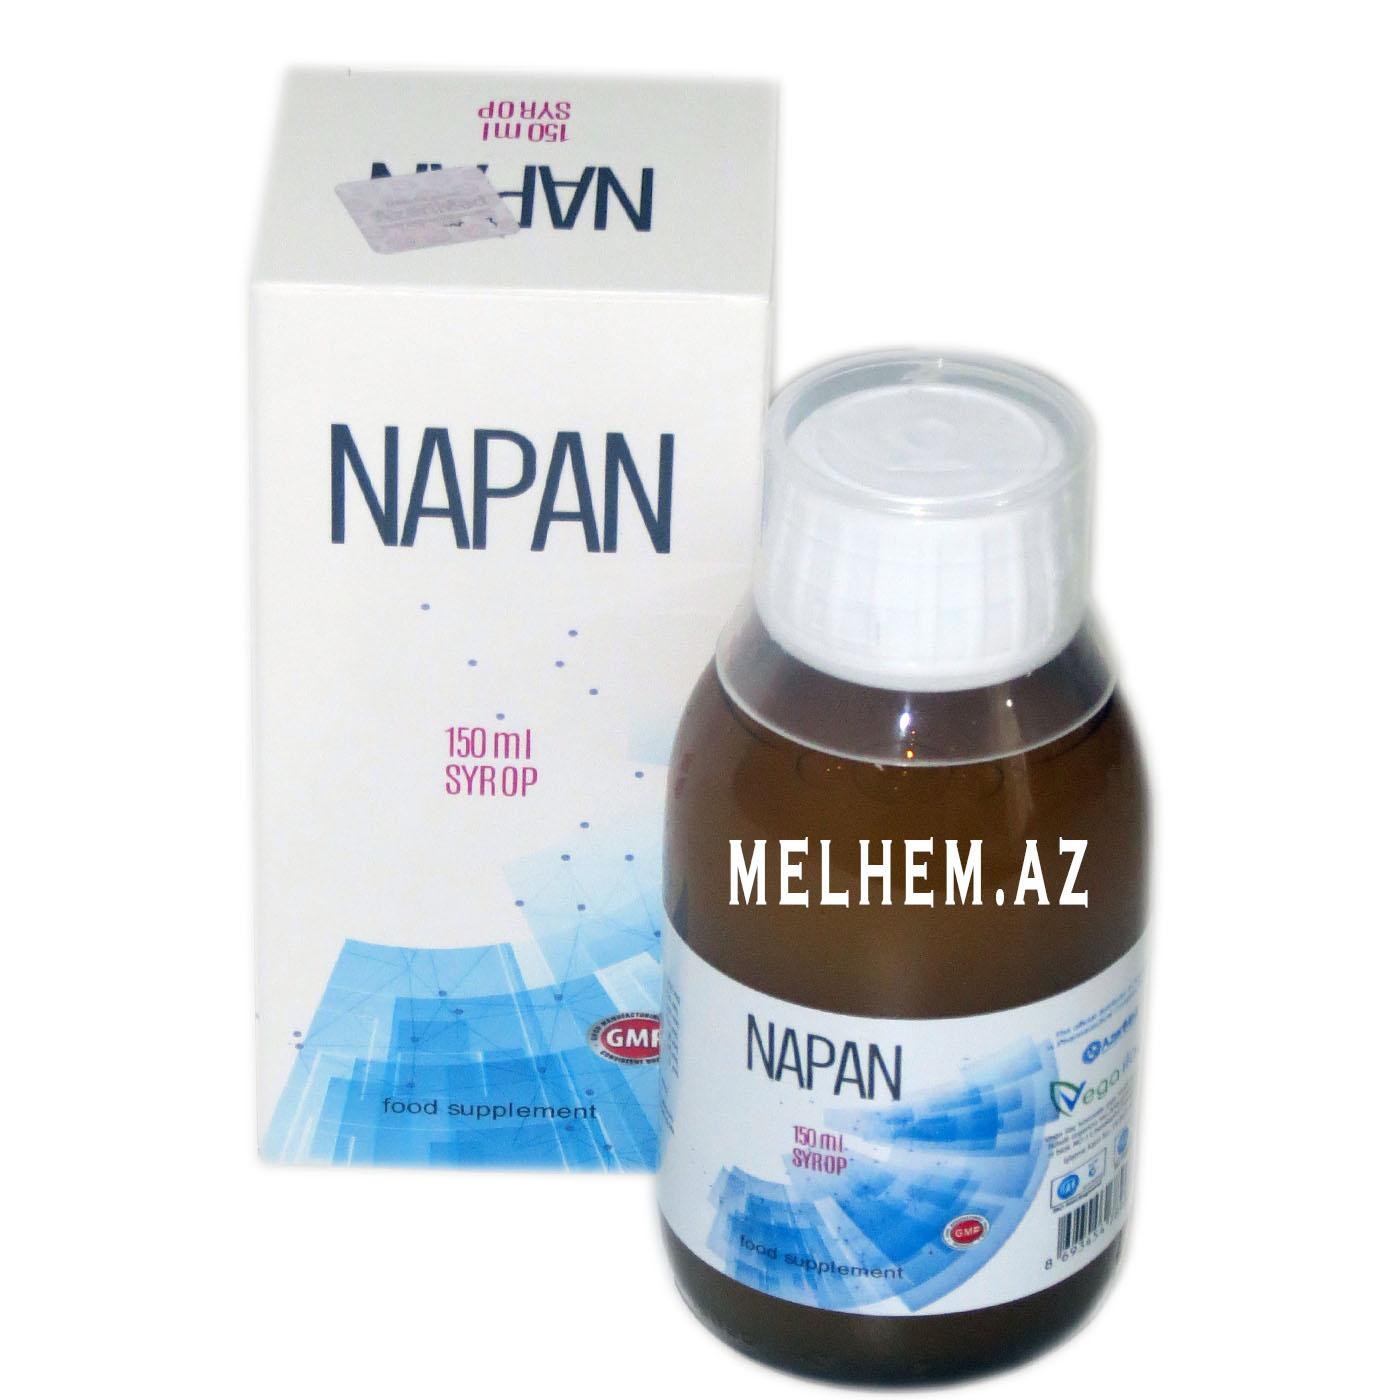 NAPAN